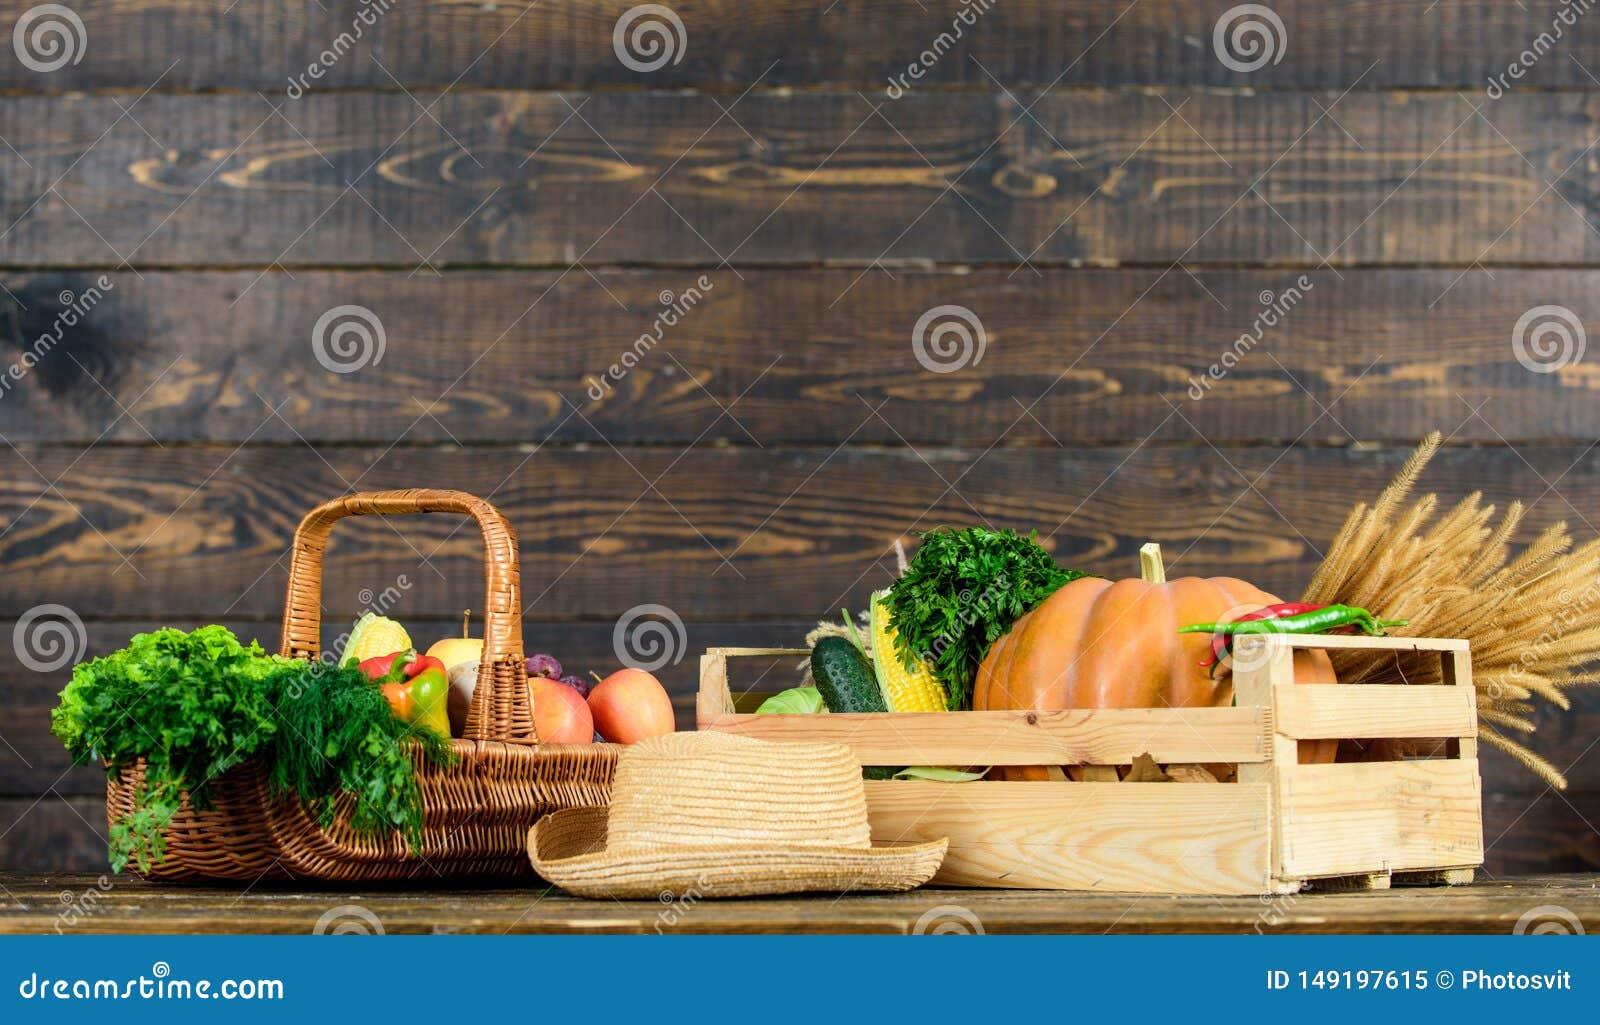 L?gumes de cultures de r?colte d automne Nourriture naturelle cultiv?e sur place March? d agriculteurs L?gumes vibrants et color?